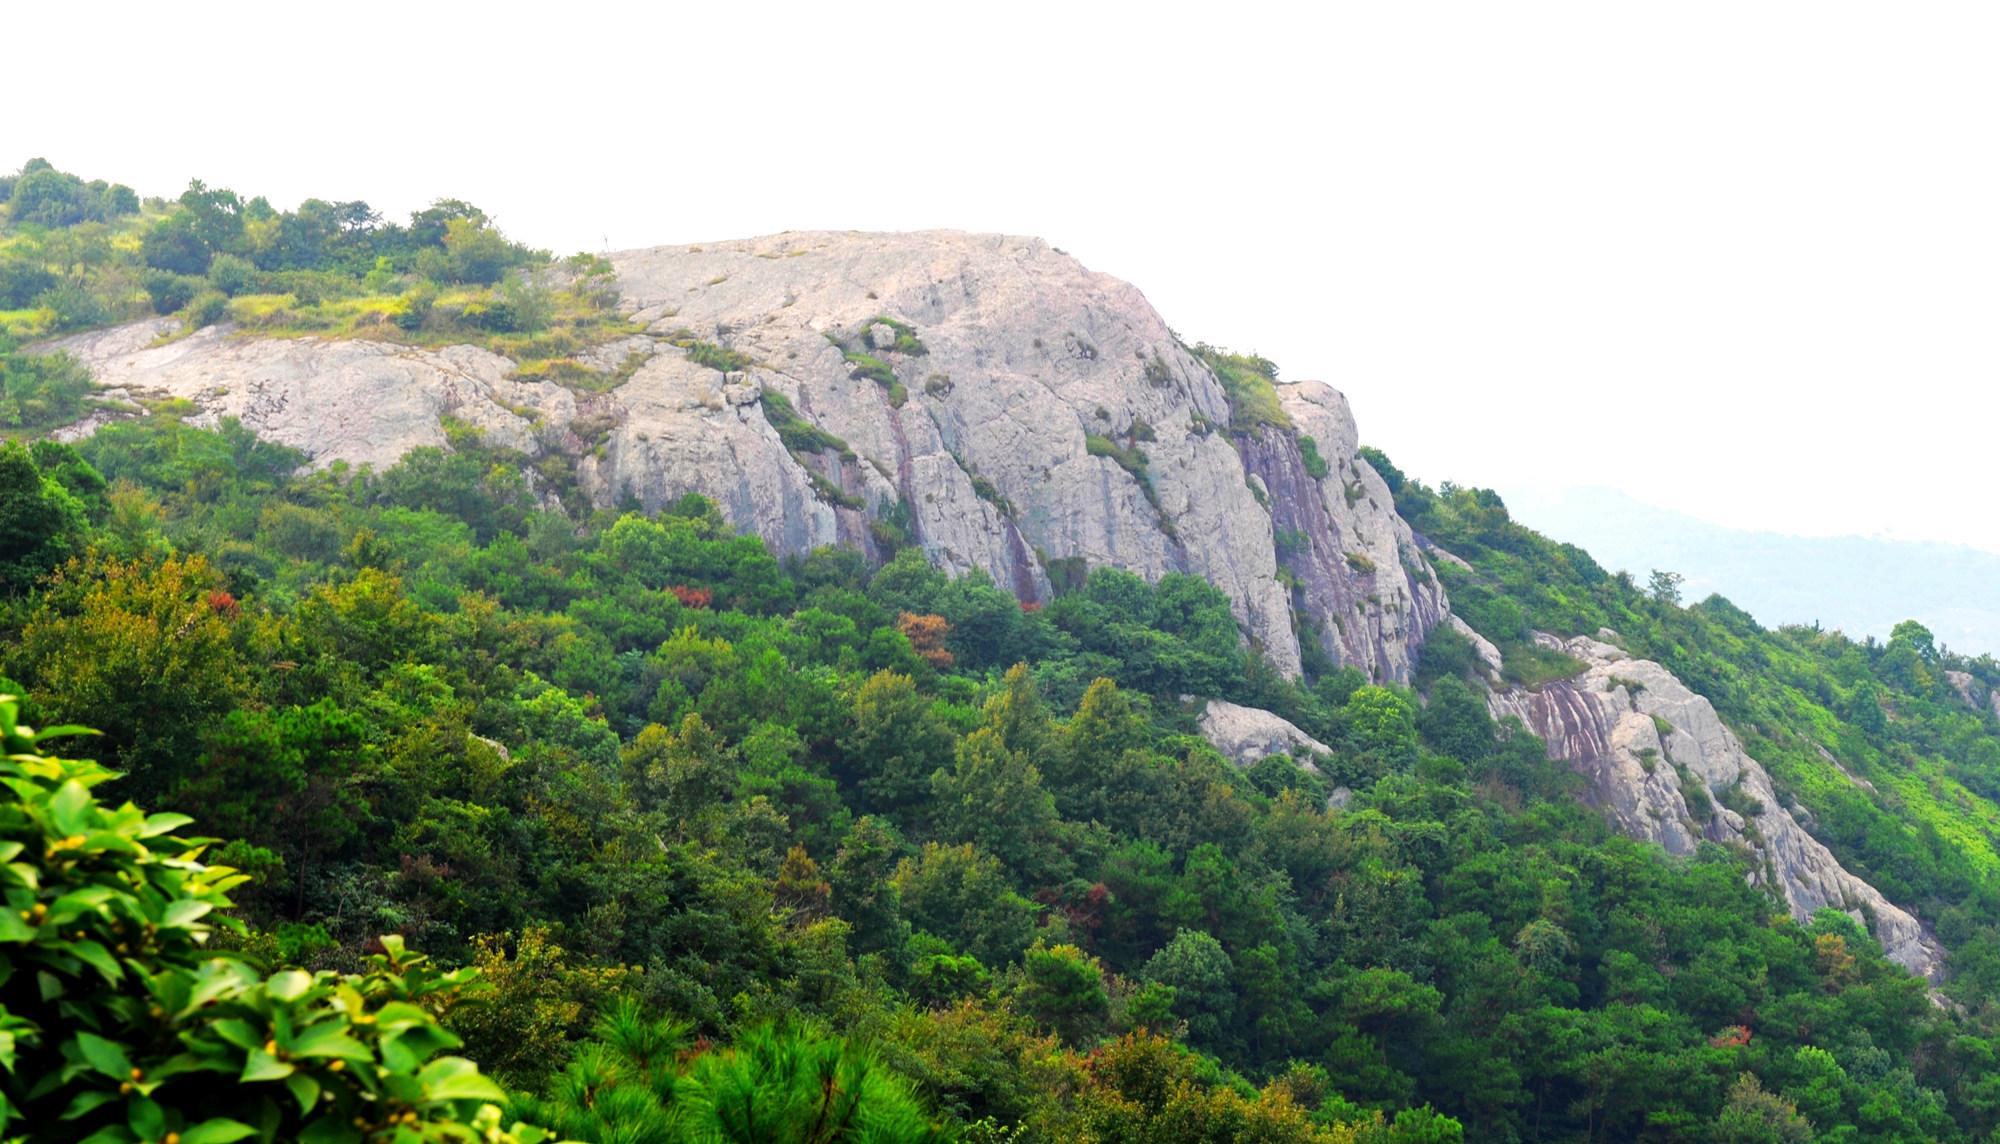 百丈岩顶峰高309米,山顶有古烽火台、古晒场,建寺庙,山上有骑岩鸟、大虫头、缠龙头.jpg